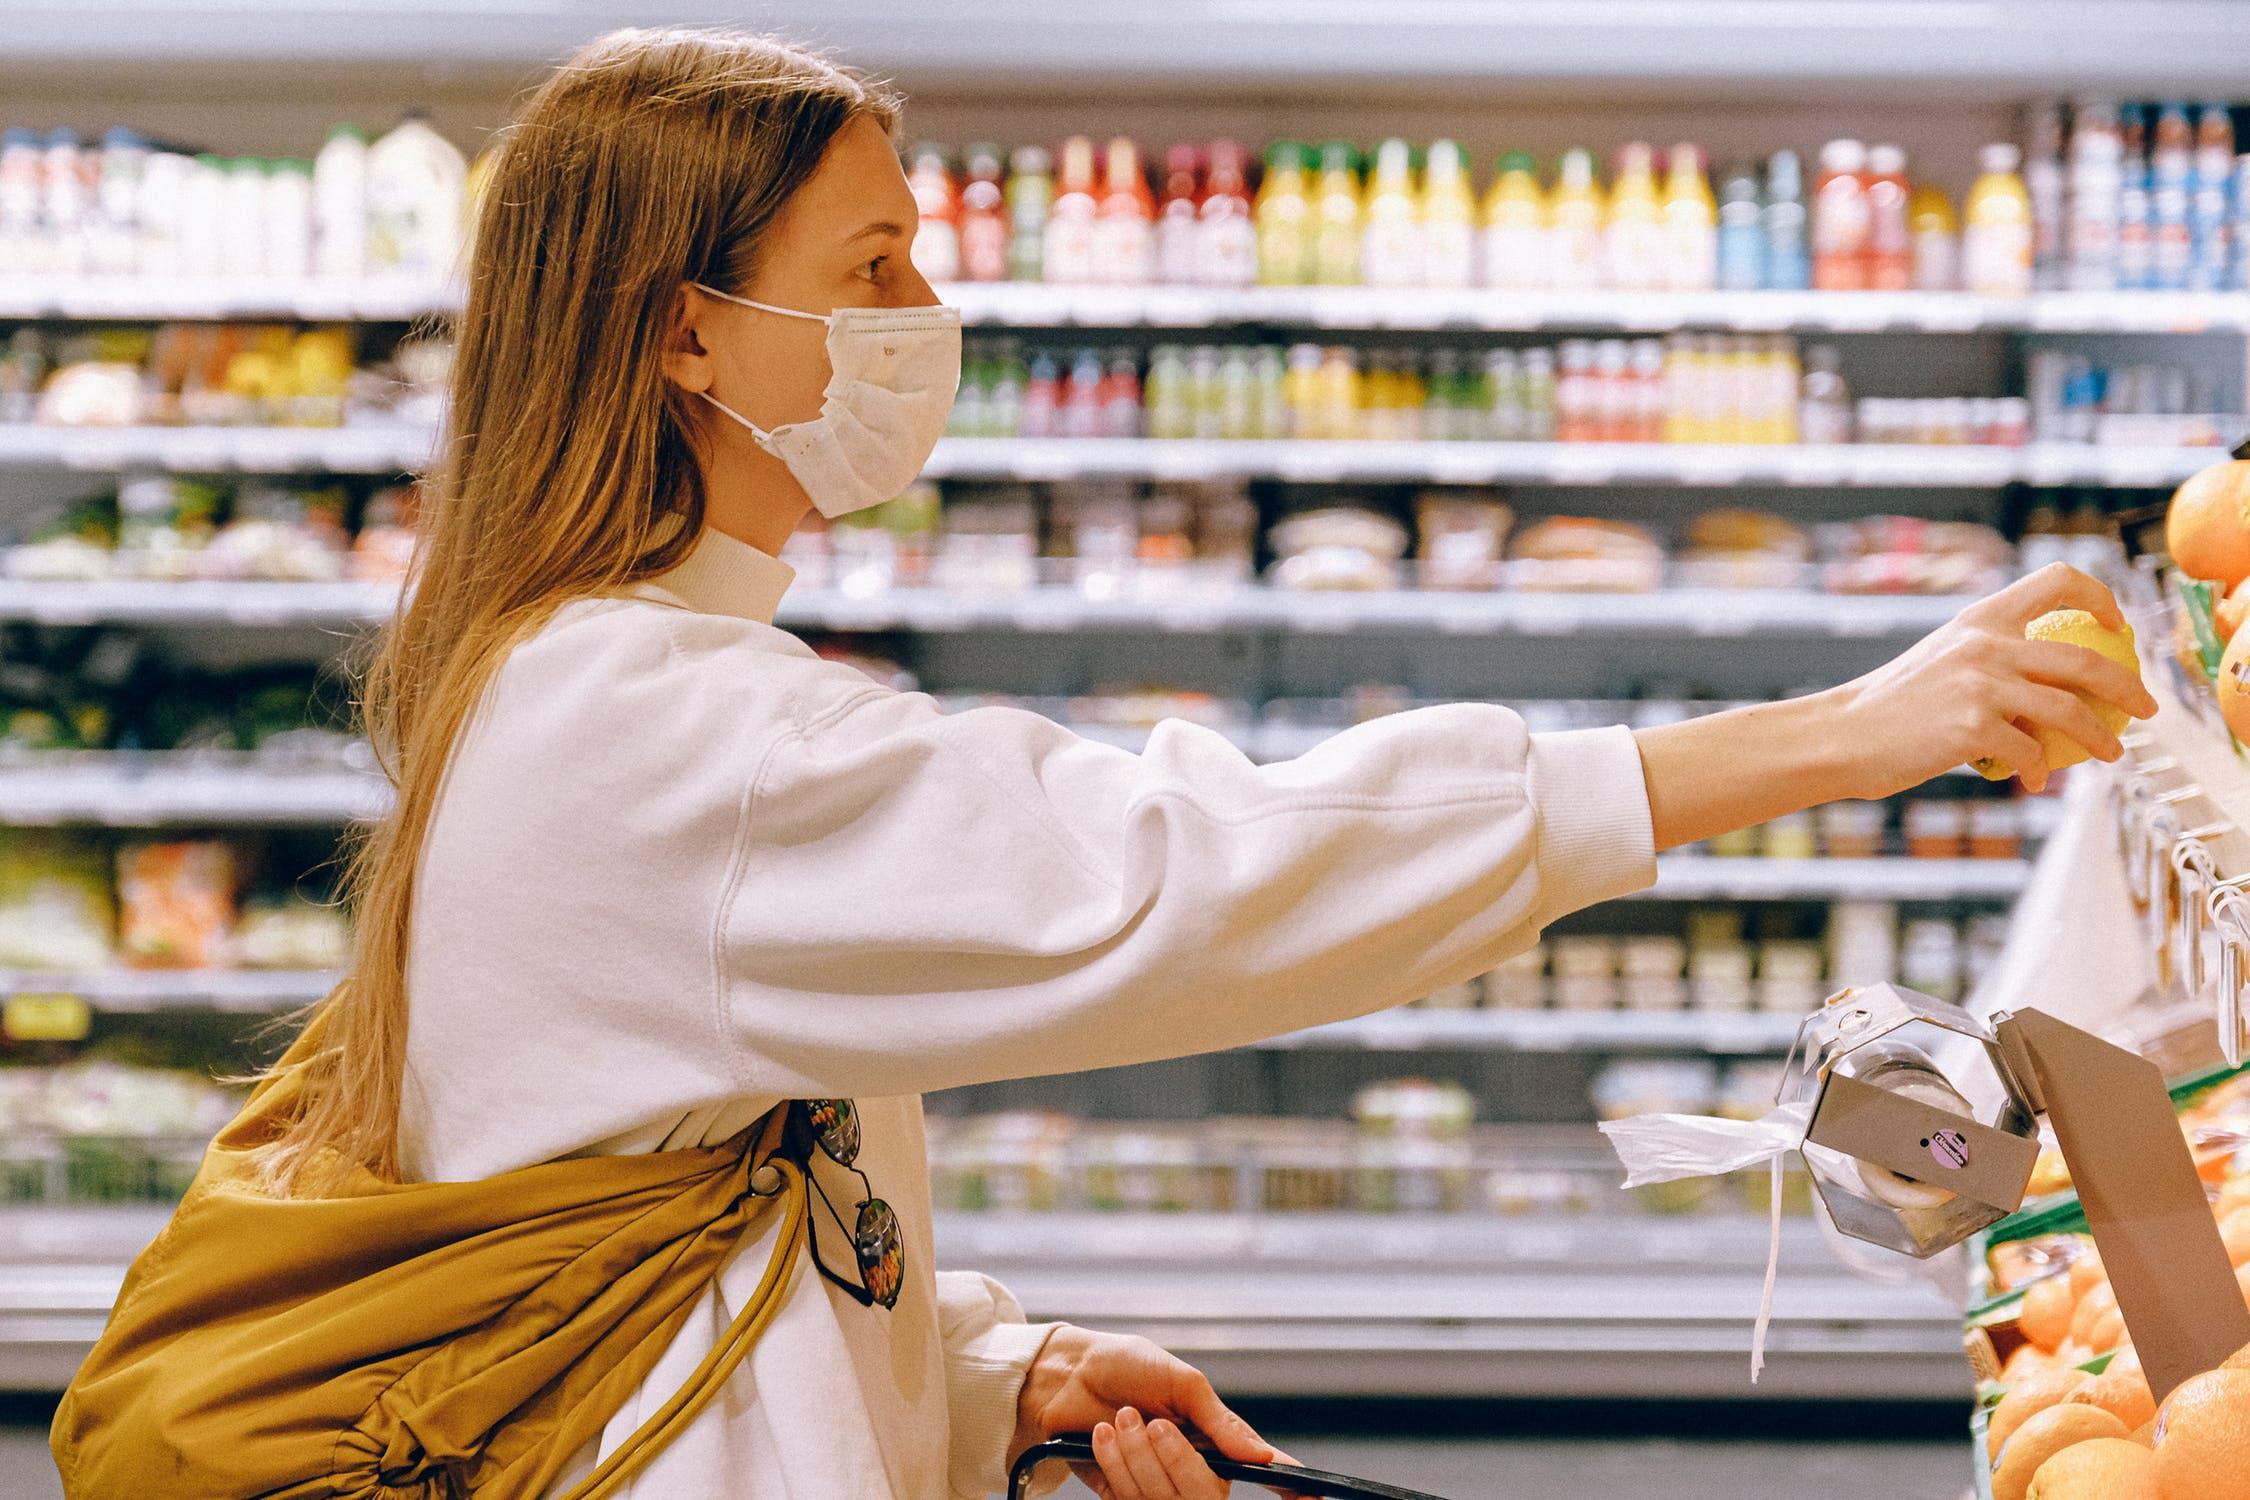 10 recomendaciones de cómo hacer la compra durante la cuarentena